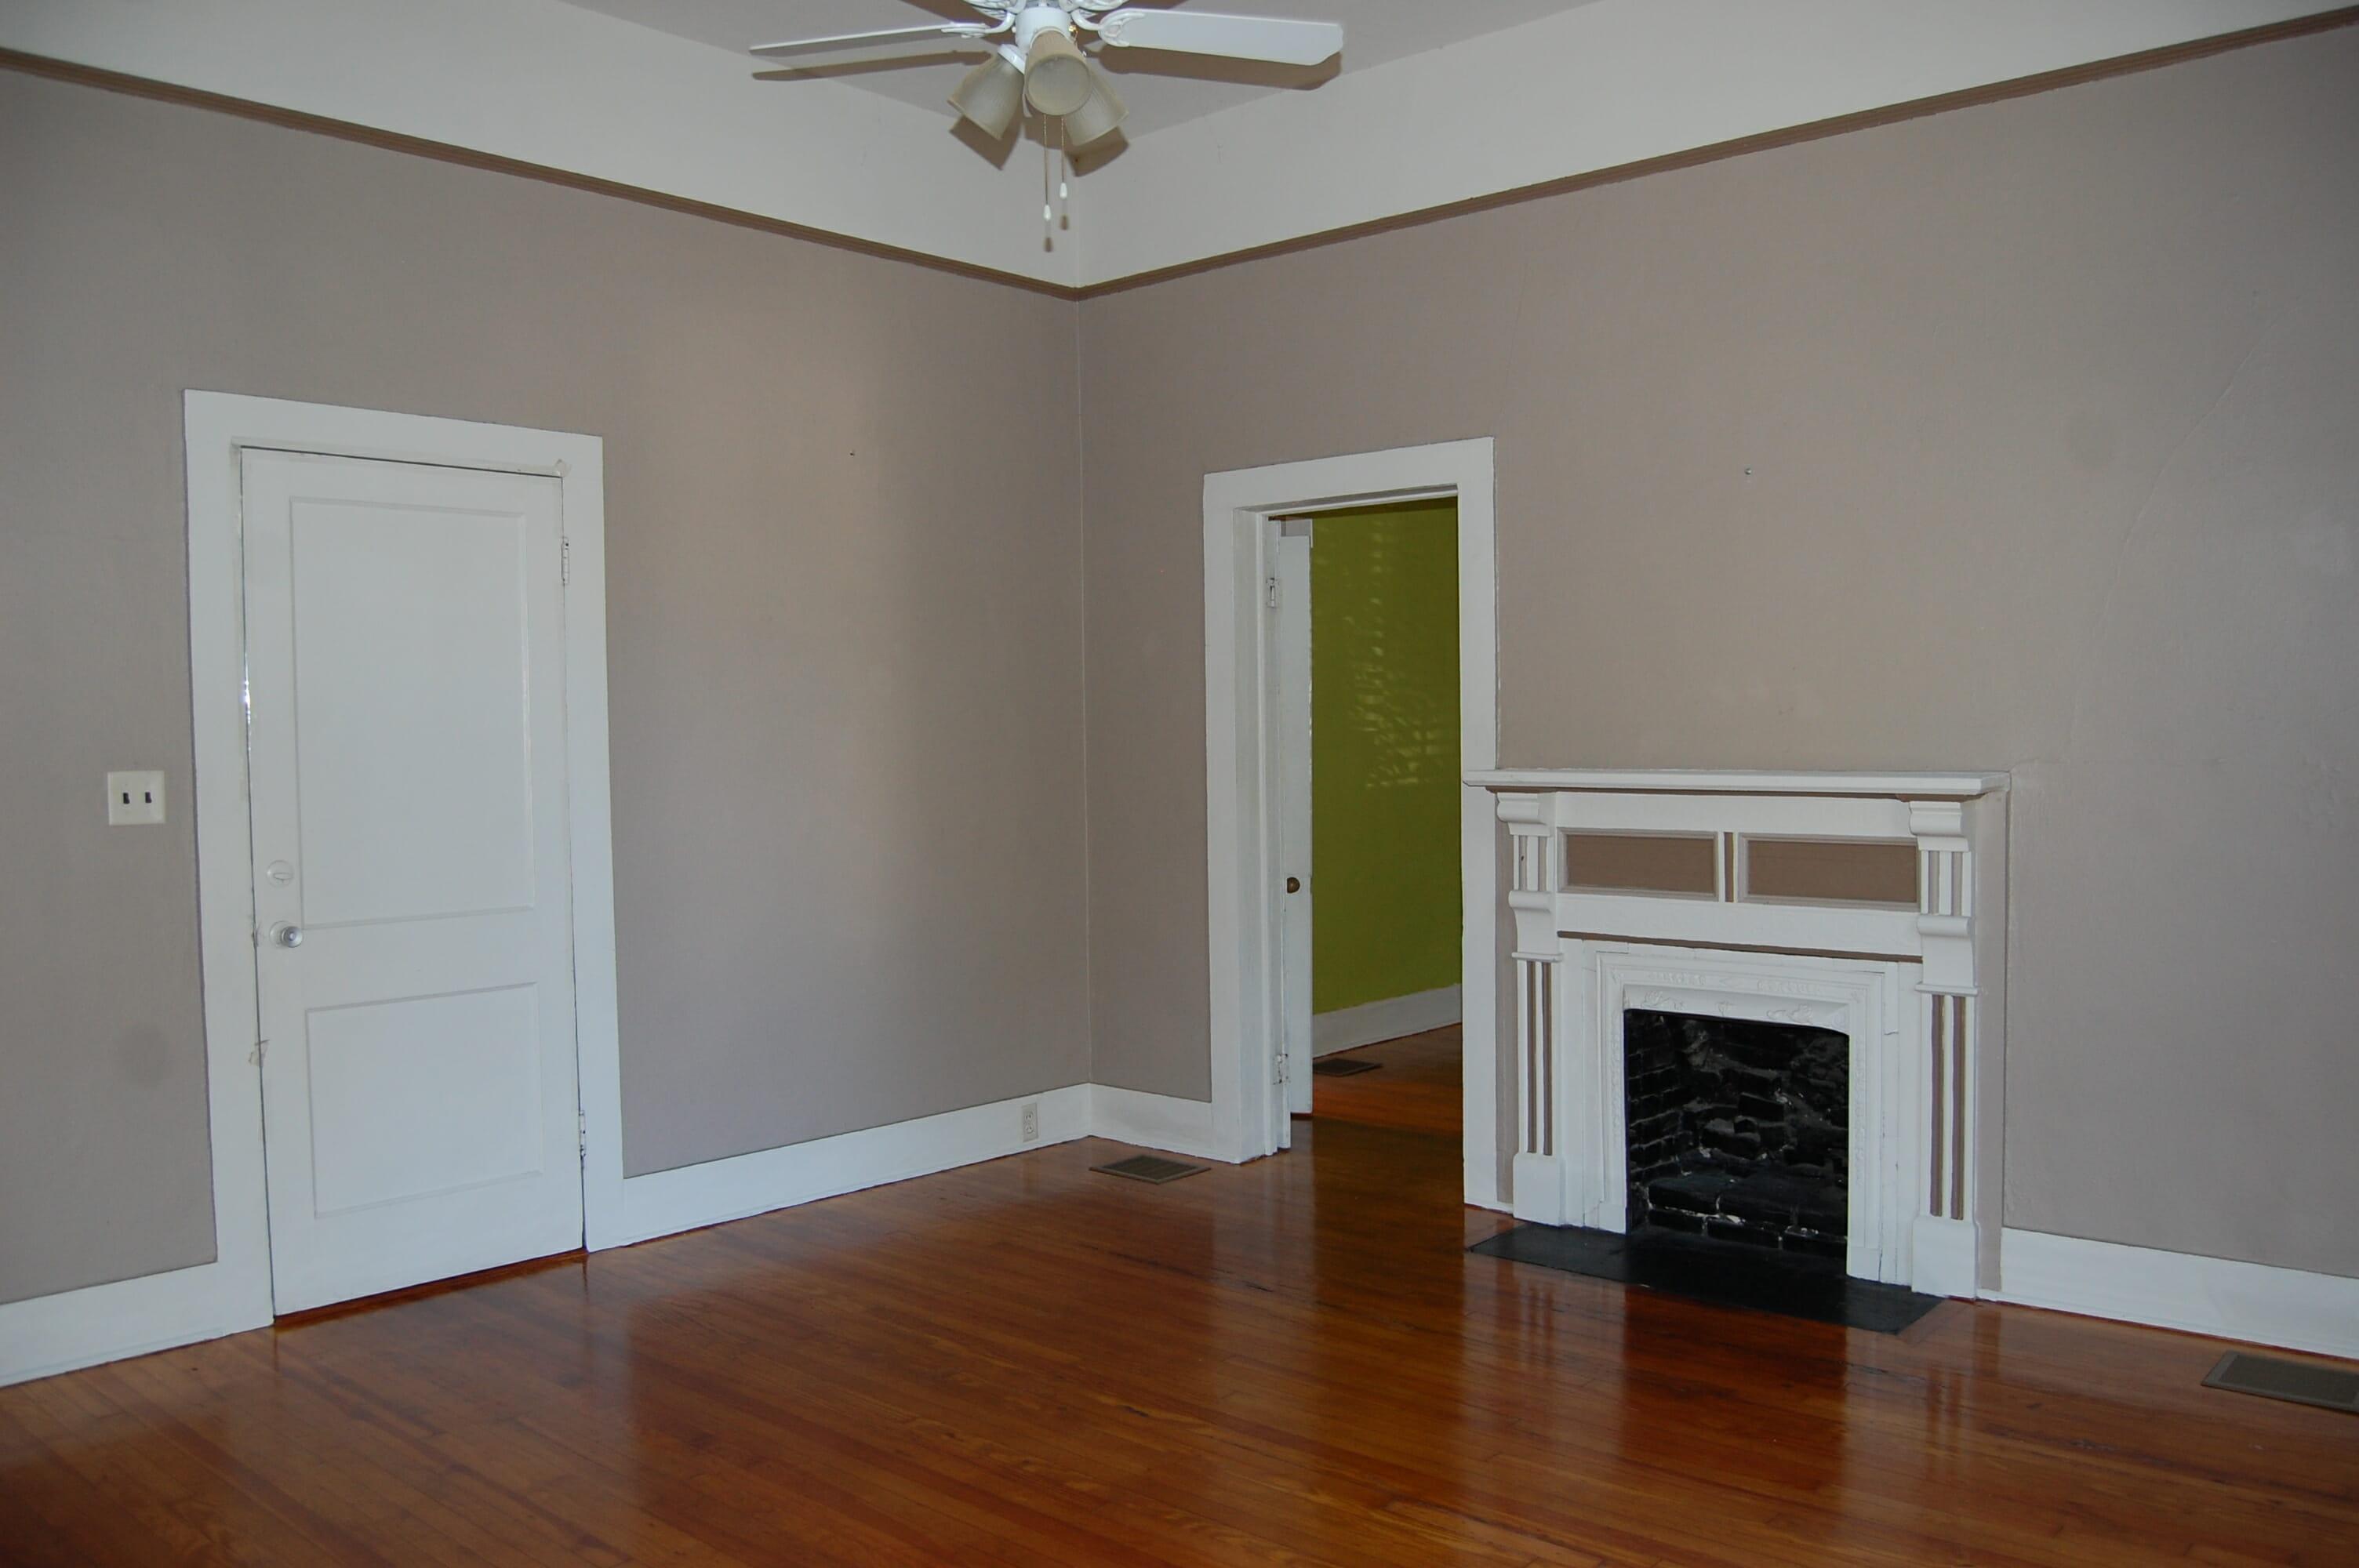 3 - Front Room III